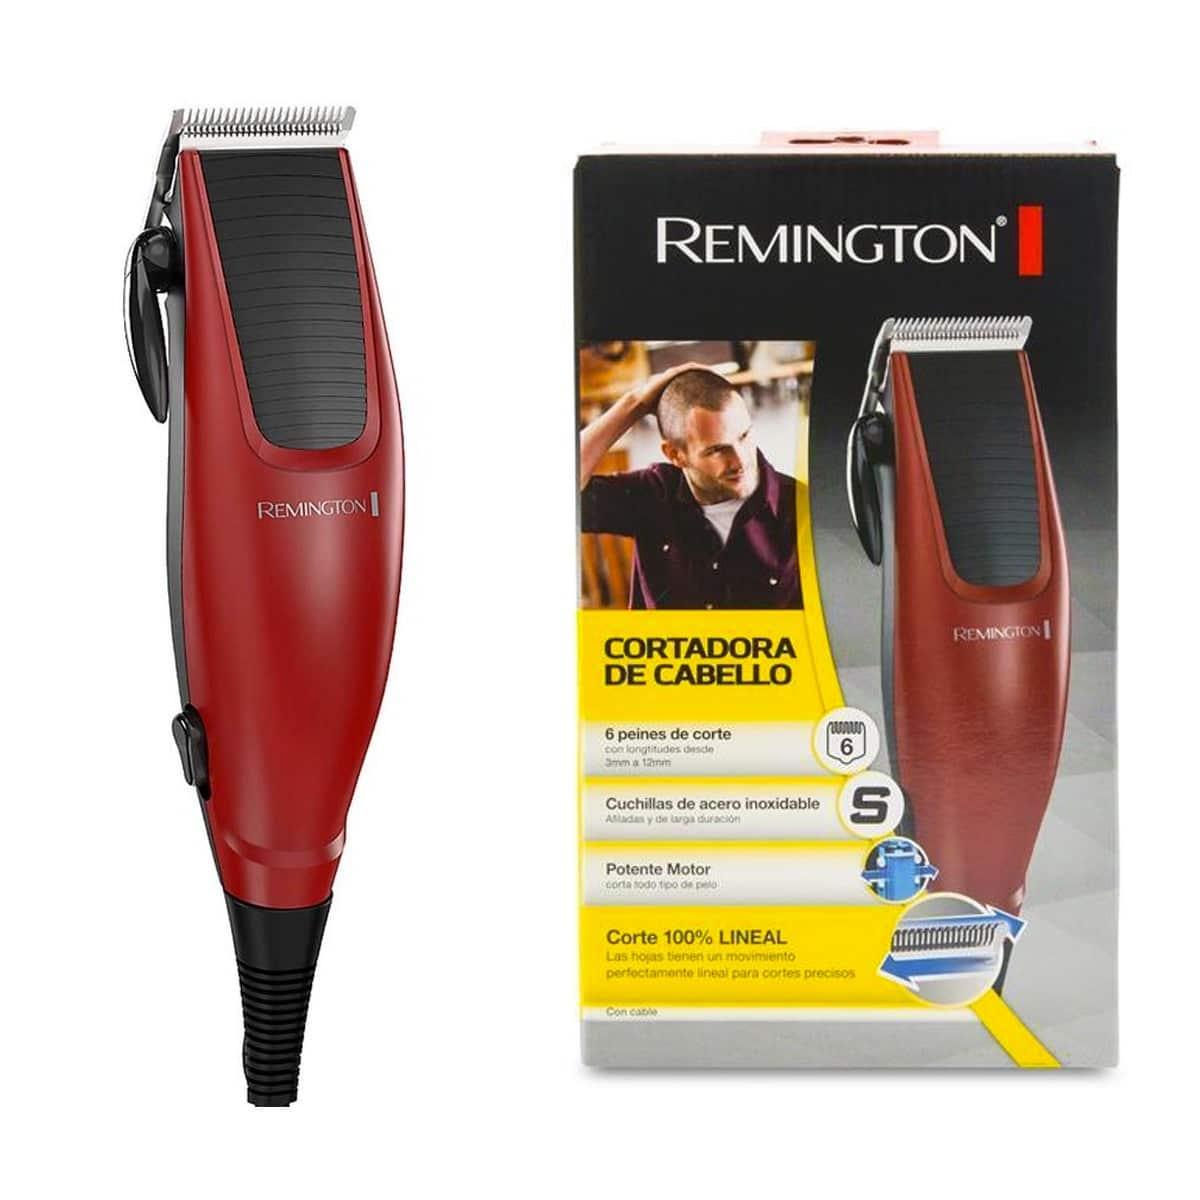 Maquina para corte de cabello remington